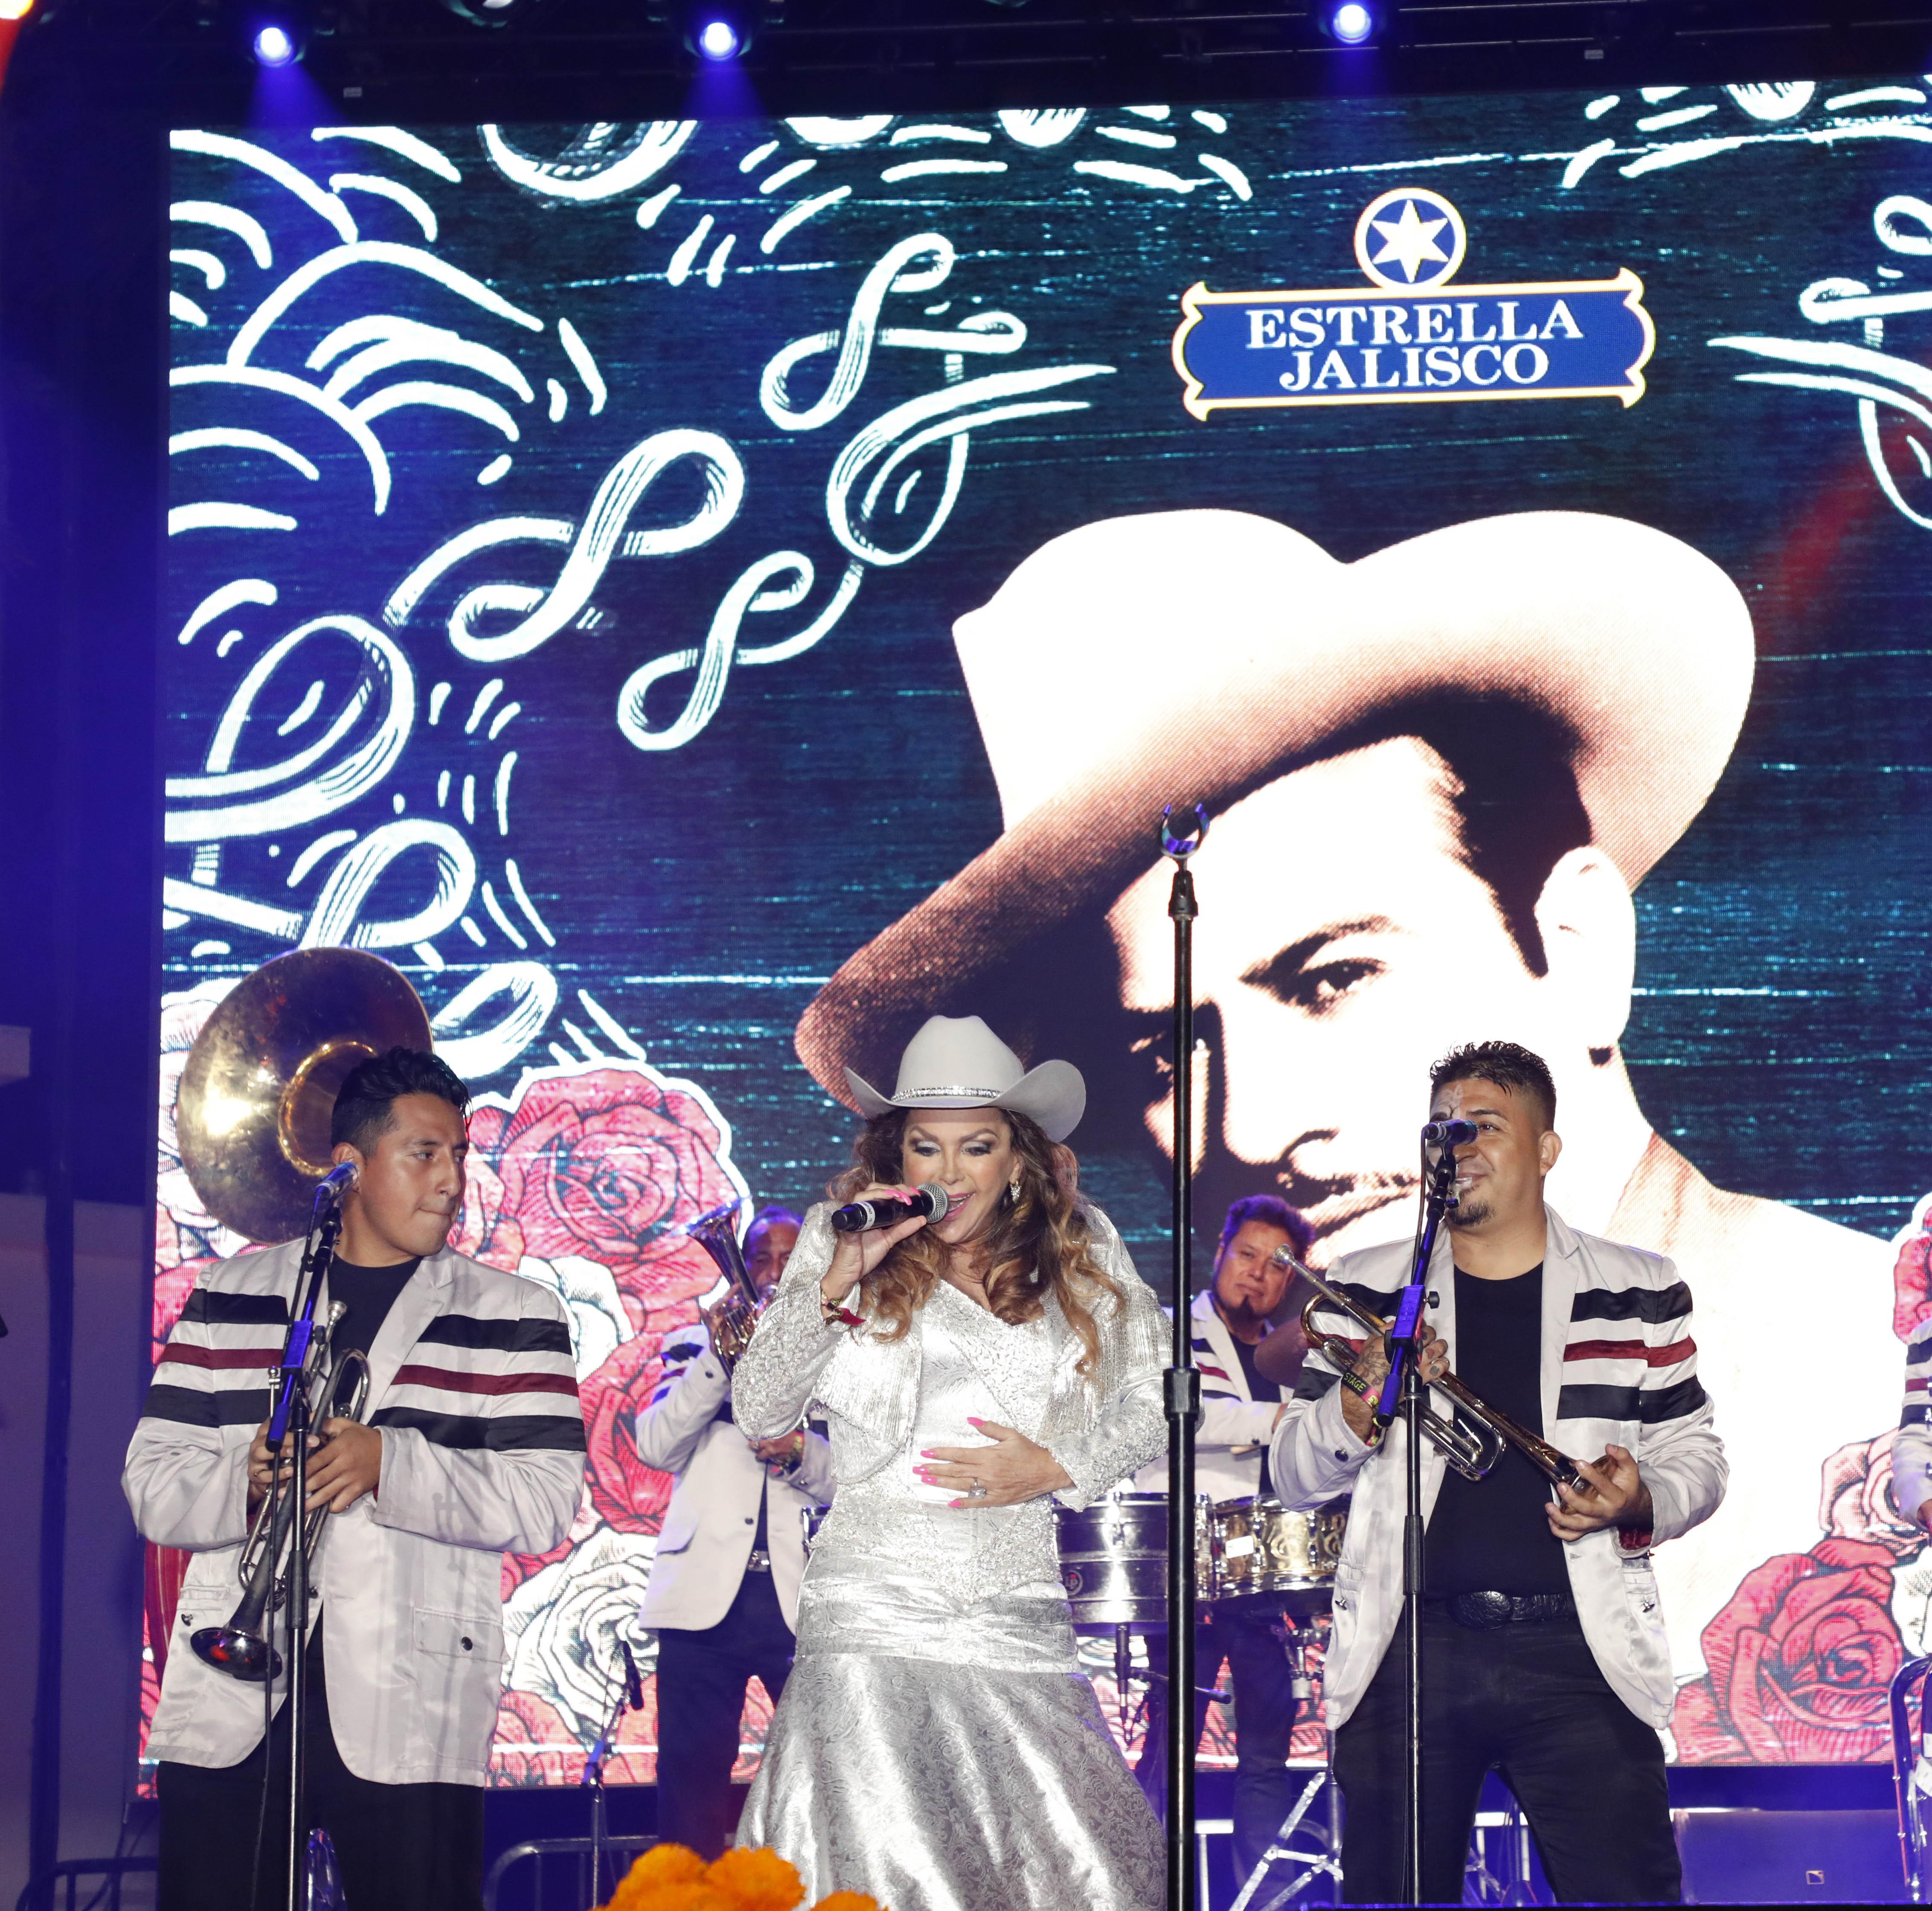 El Dasa y Kinky rindieron tributo a Pedro Infante cantando sus canciones en una de las celebraciones más grandes del Día de los Muertos en Estados Unidos